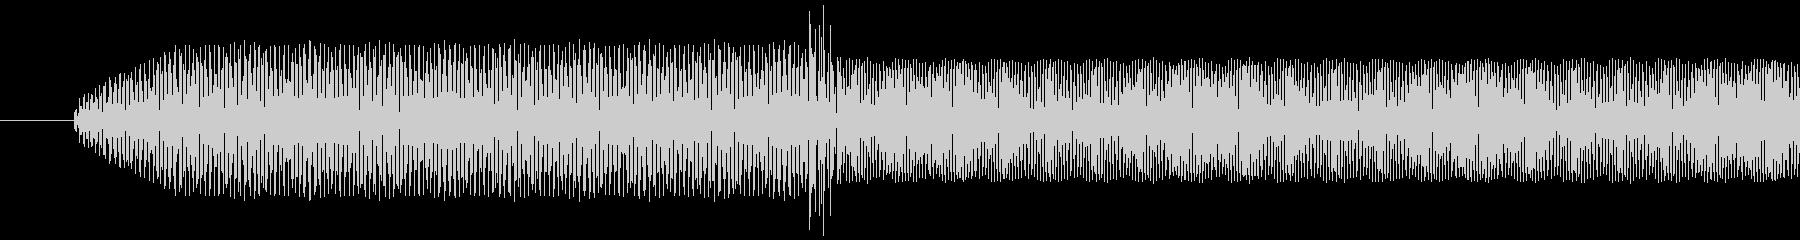 電子音 ピリッ! とても高い音の未再生の波形